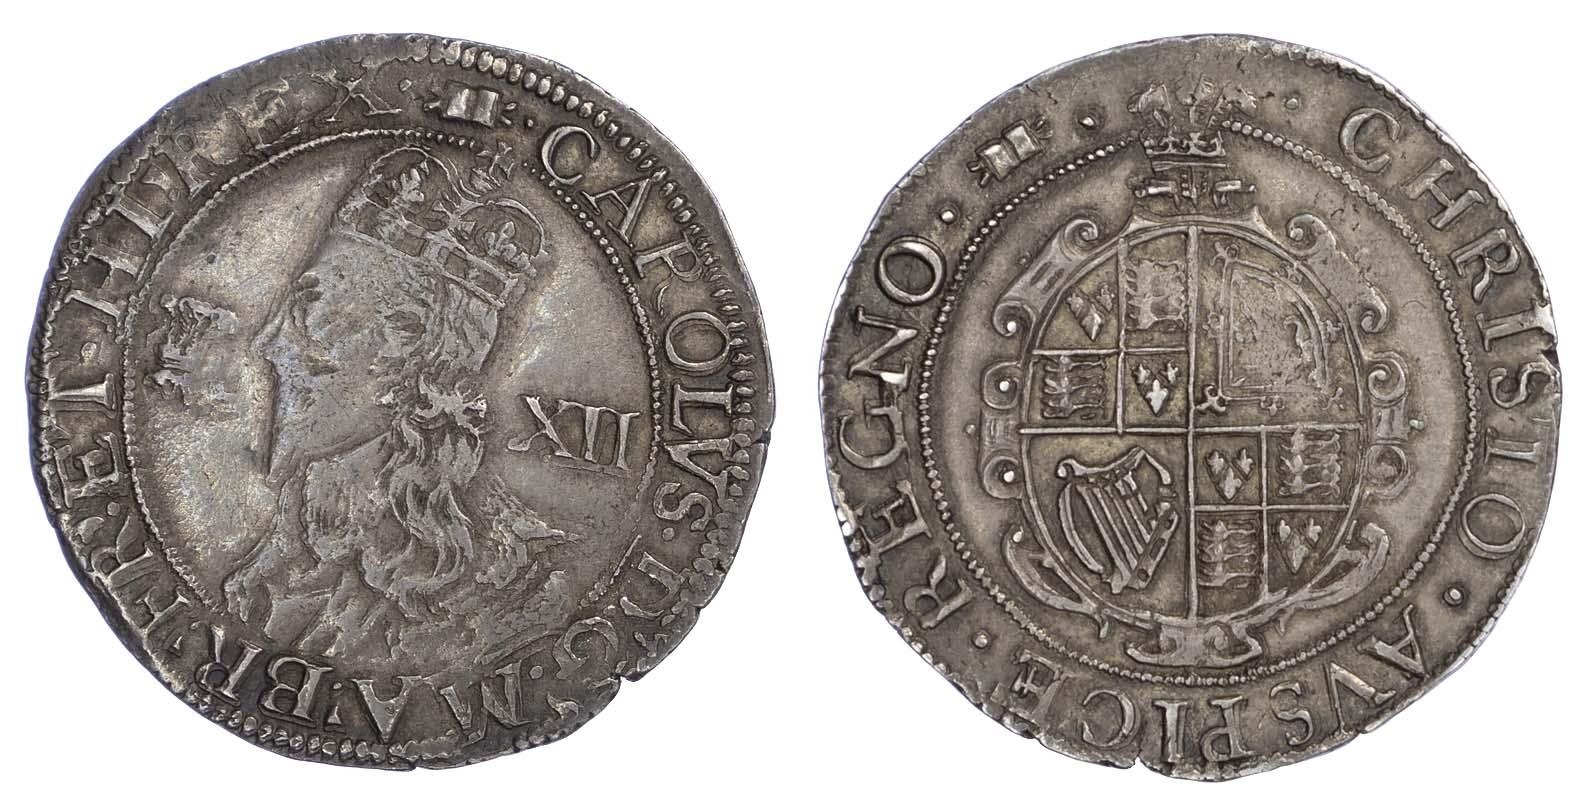 Charles I (1625-49), Shilling, Aberystwyth mint, large Plume